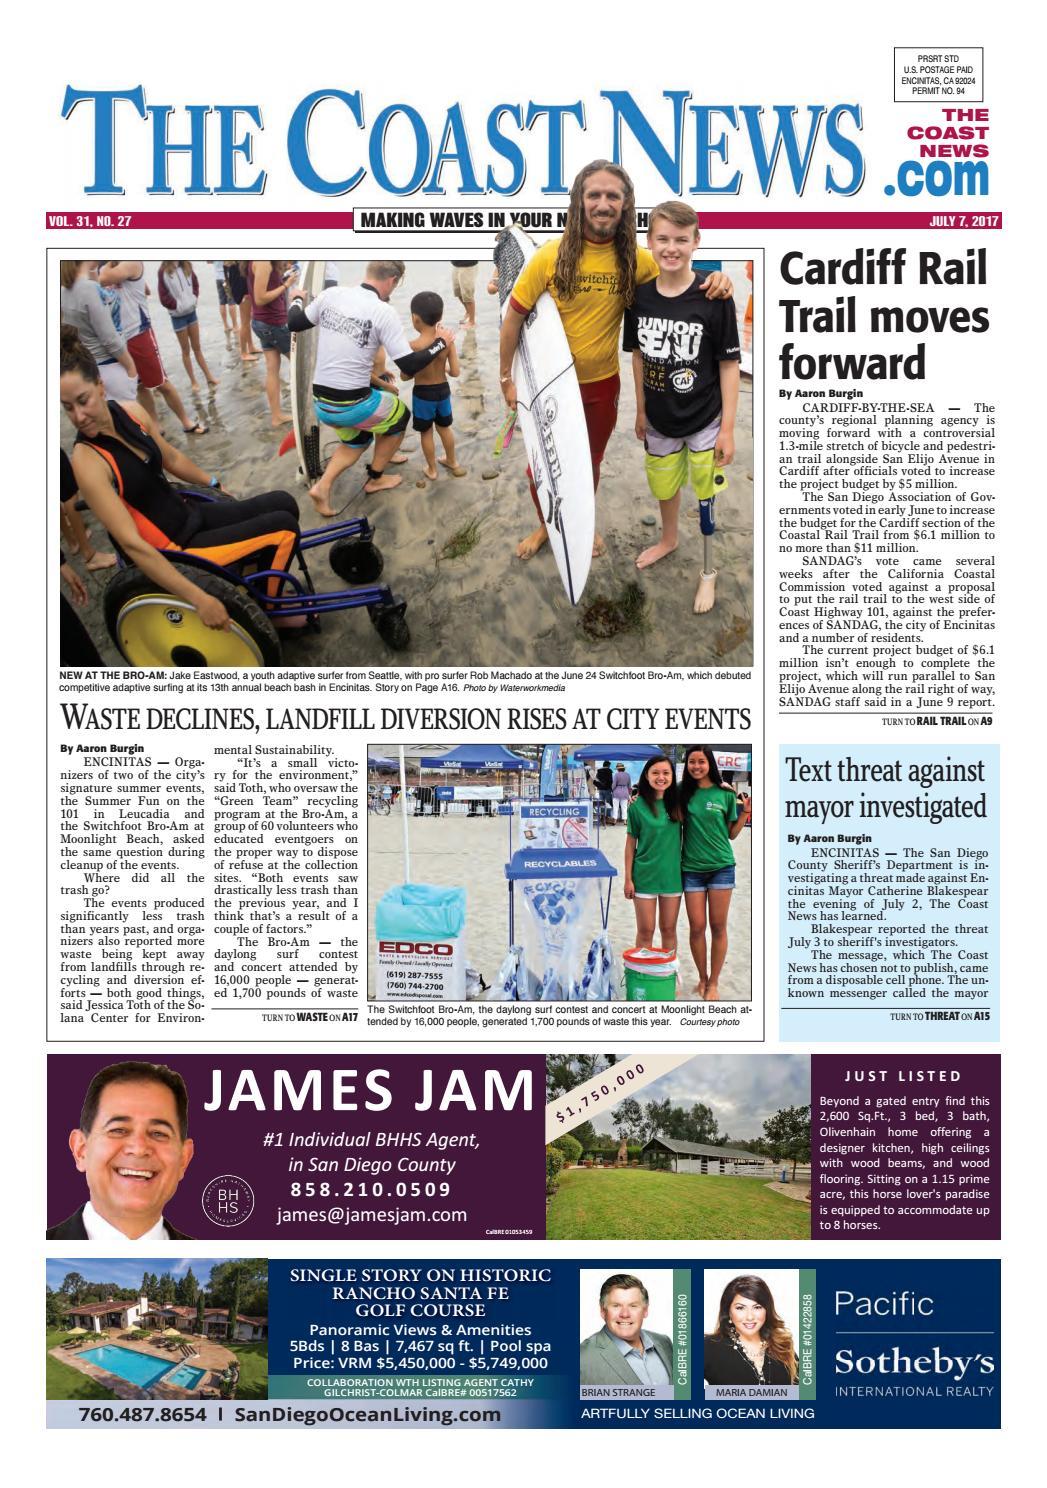 d274b8ec3bdc The coast news